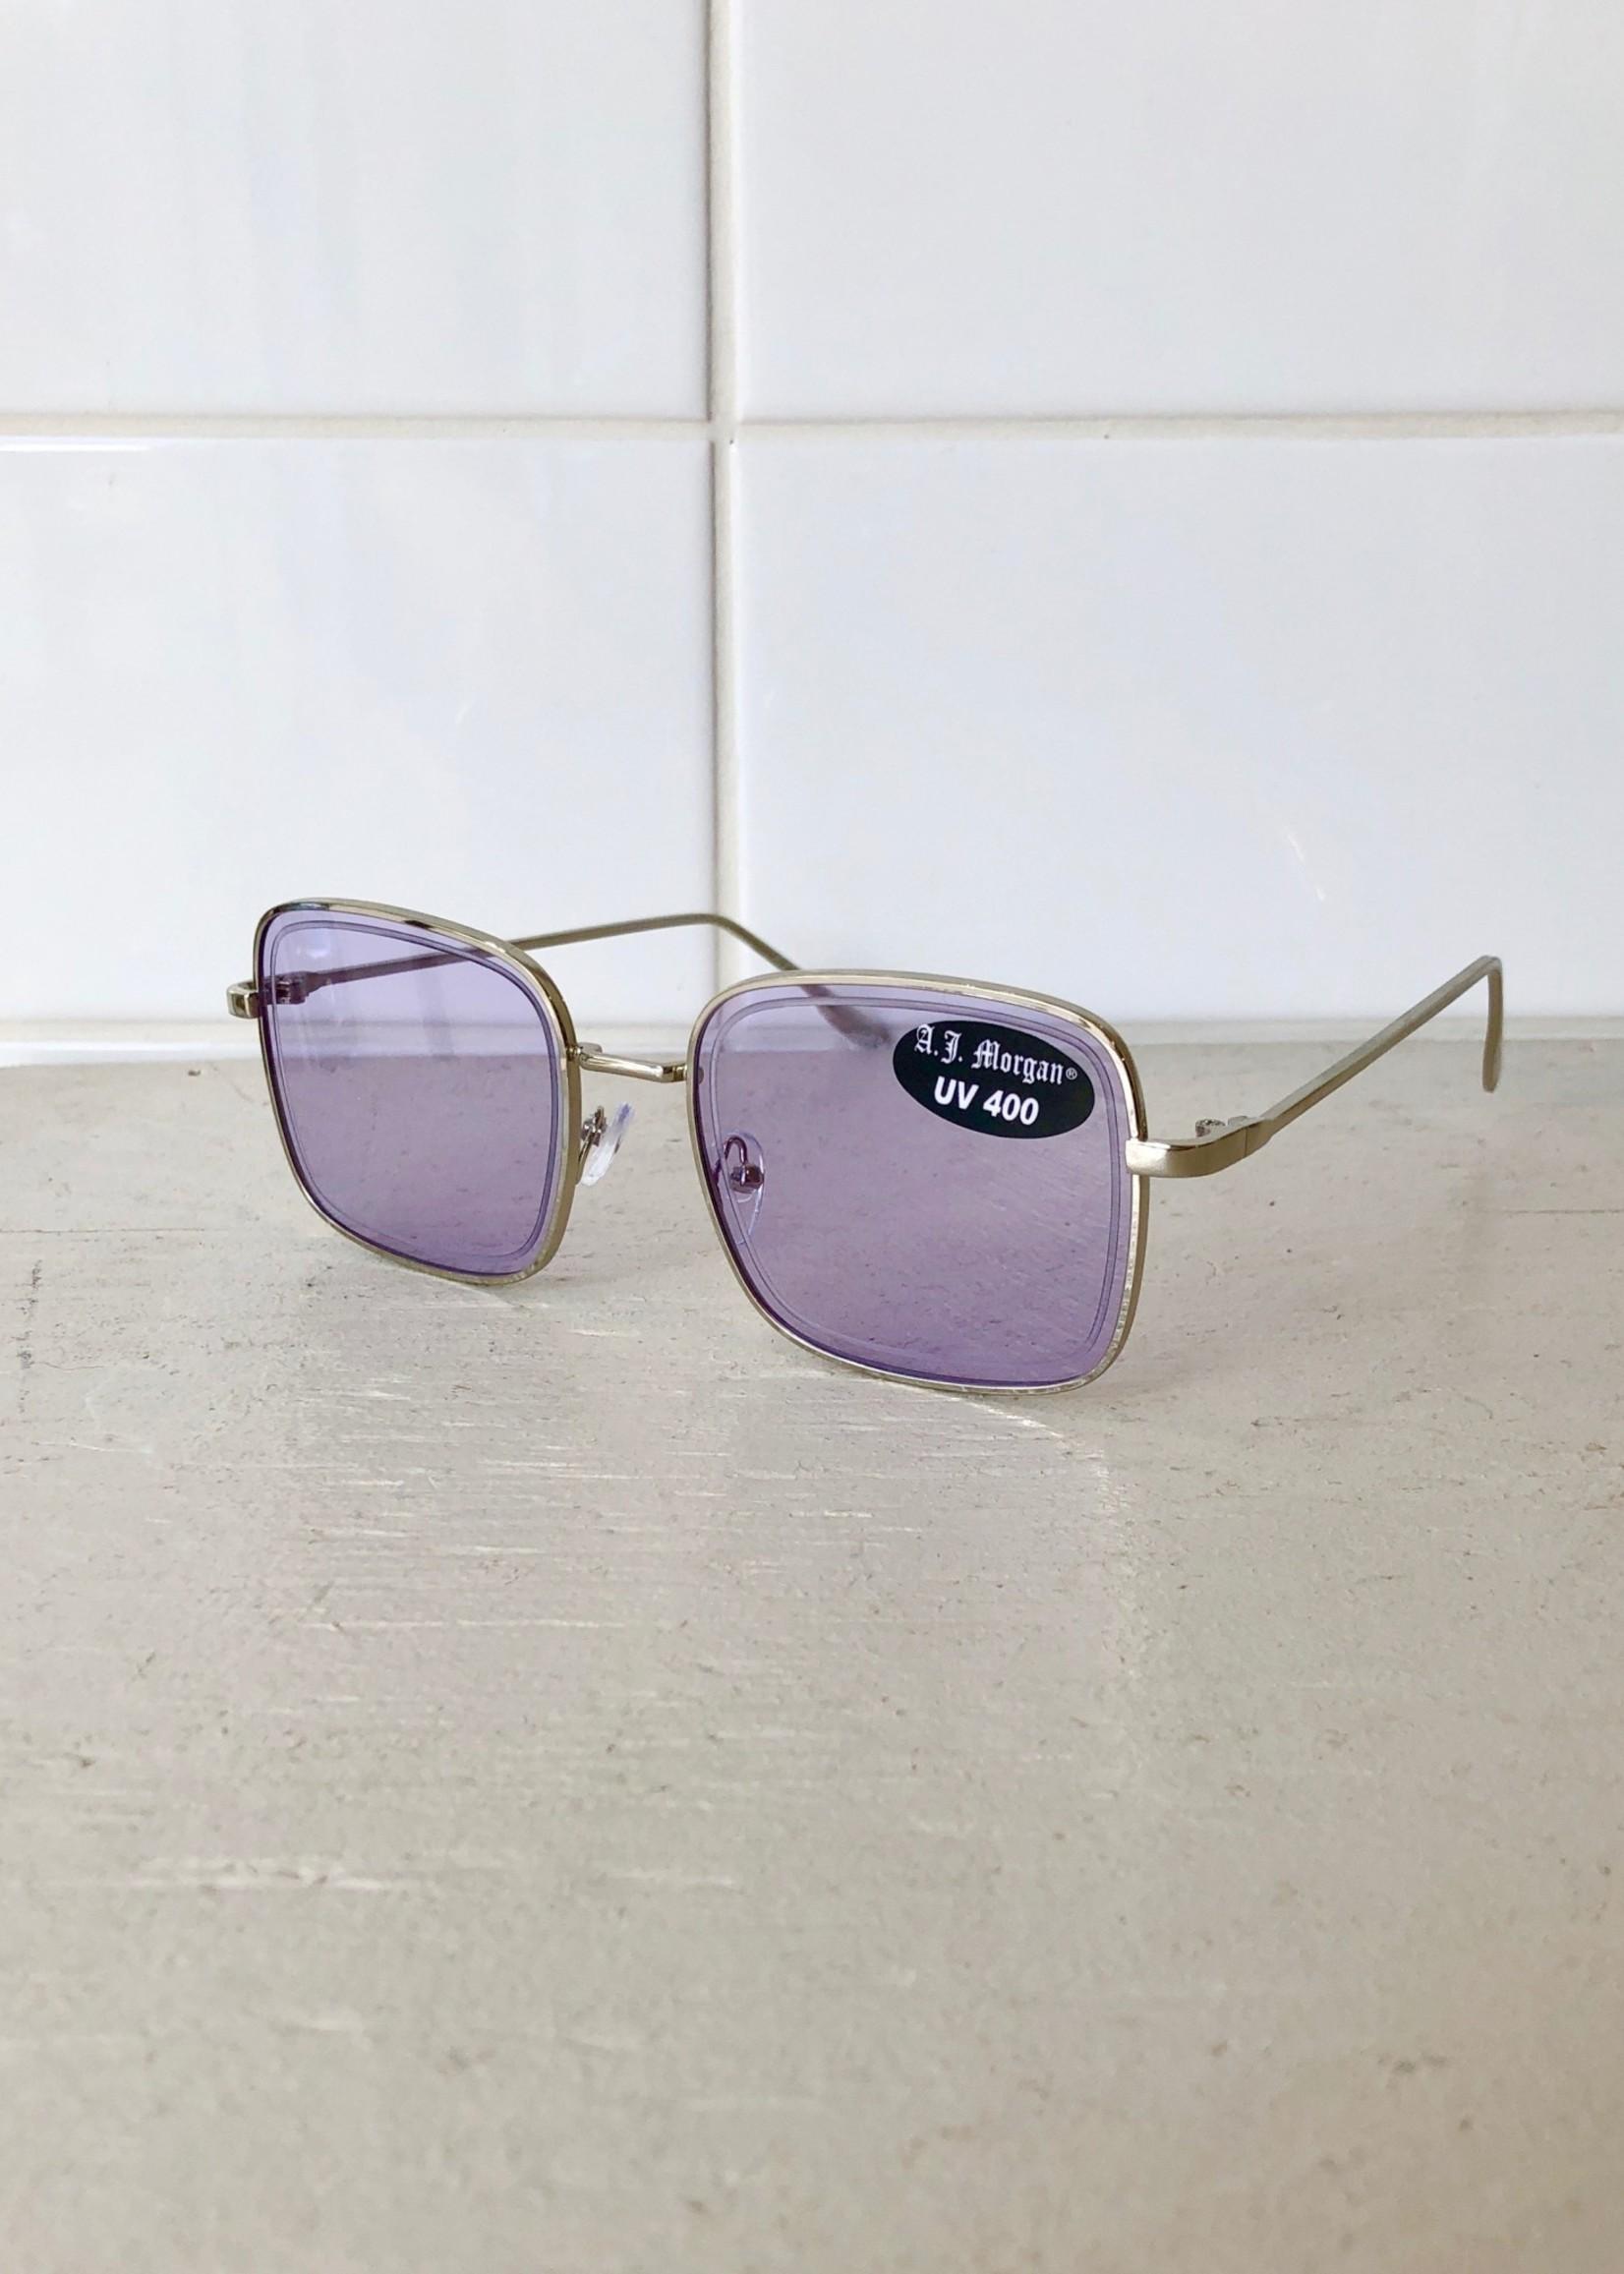 A. J. Morgan Lala Sunglasses by A.J. Morgan